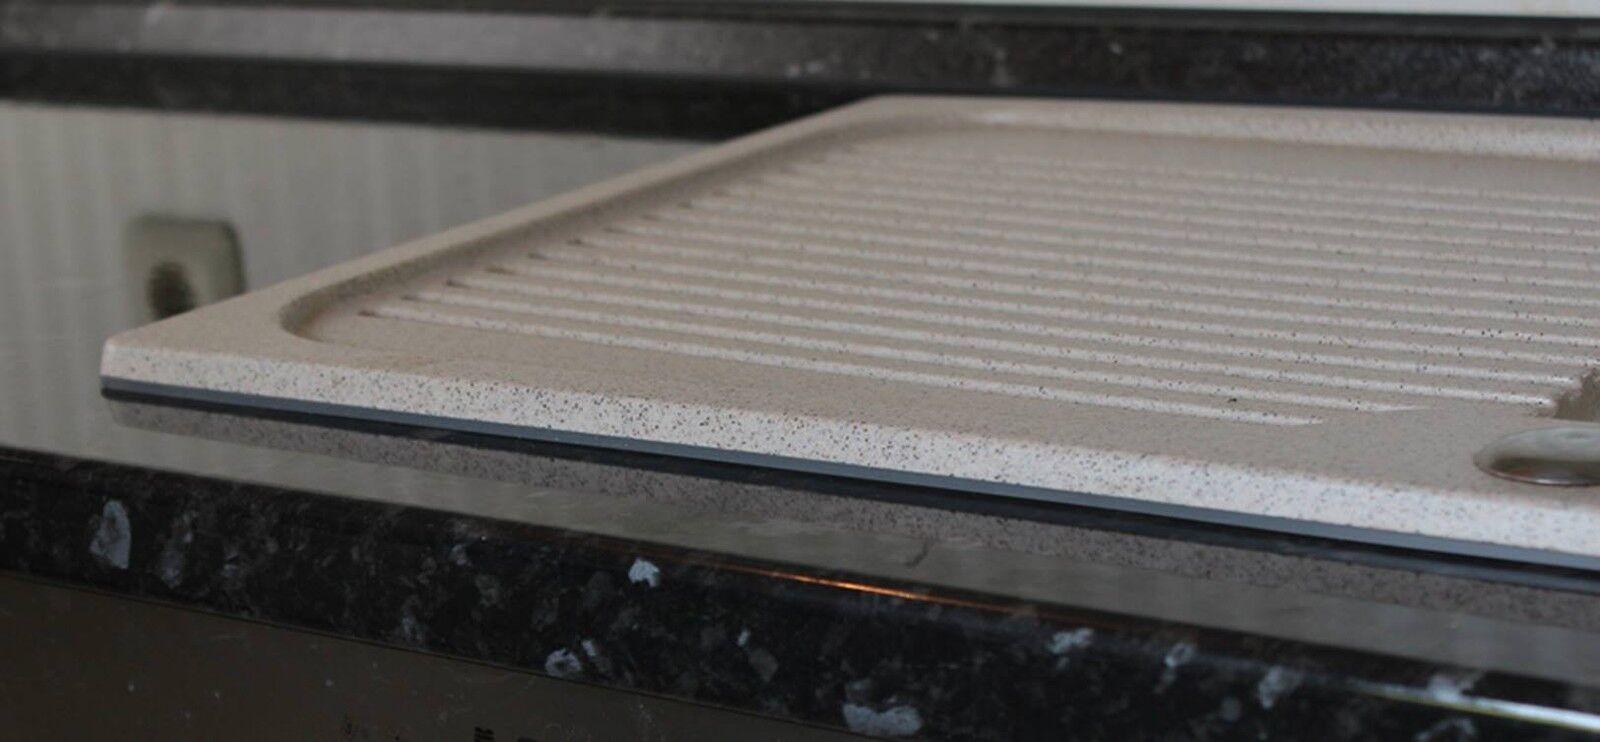 Silikon Dichtung Fur Einbau Spulbecken Granit Mit Weiss Schwarz